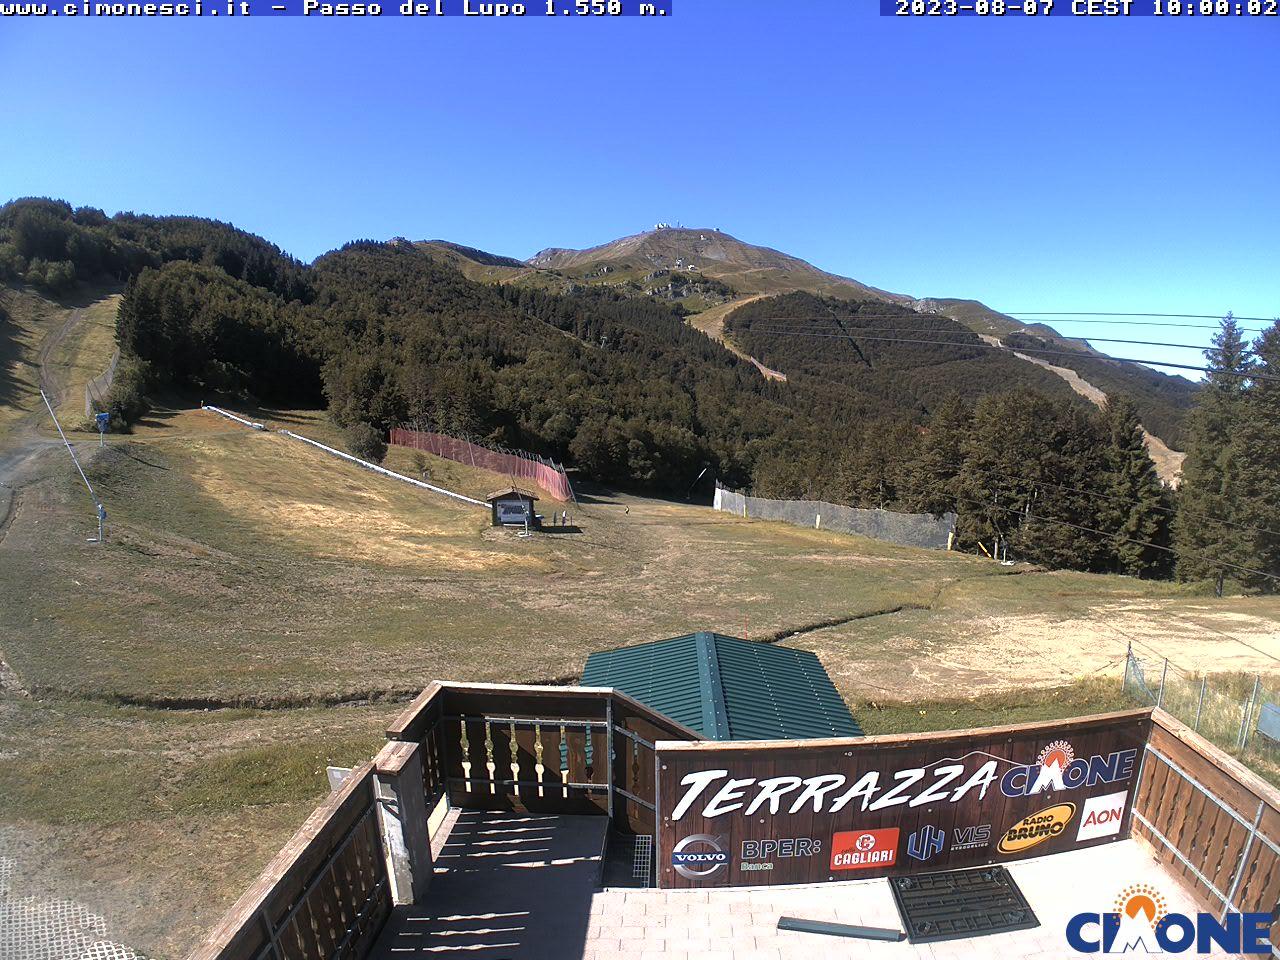 Webcam Cimone Passo del Lupo 1550m - Immagini di Cimonesci